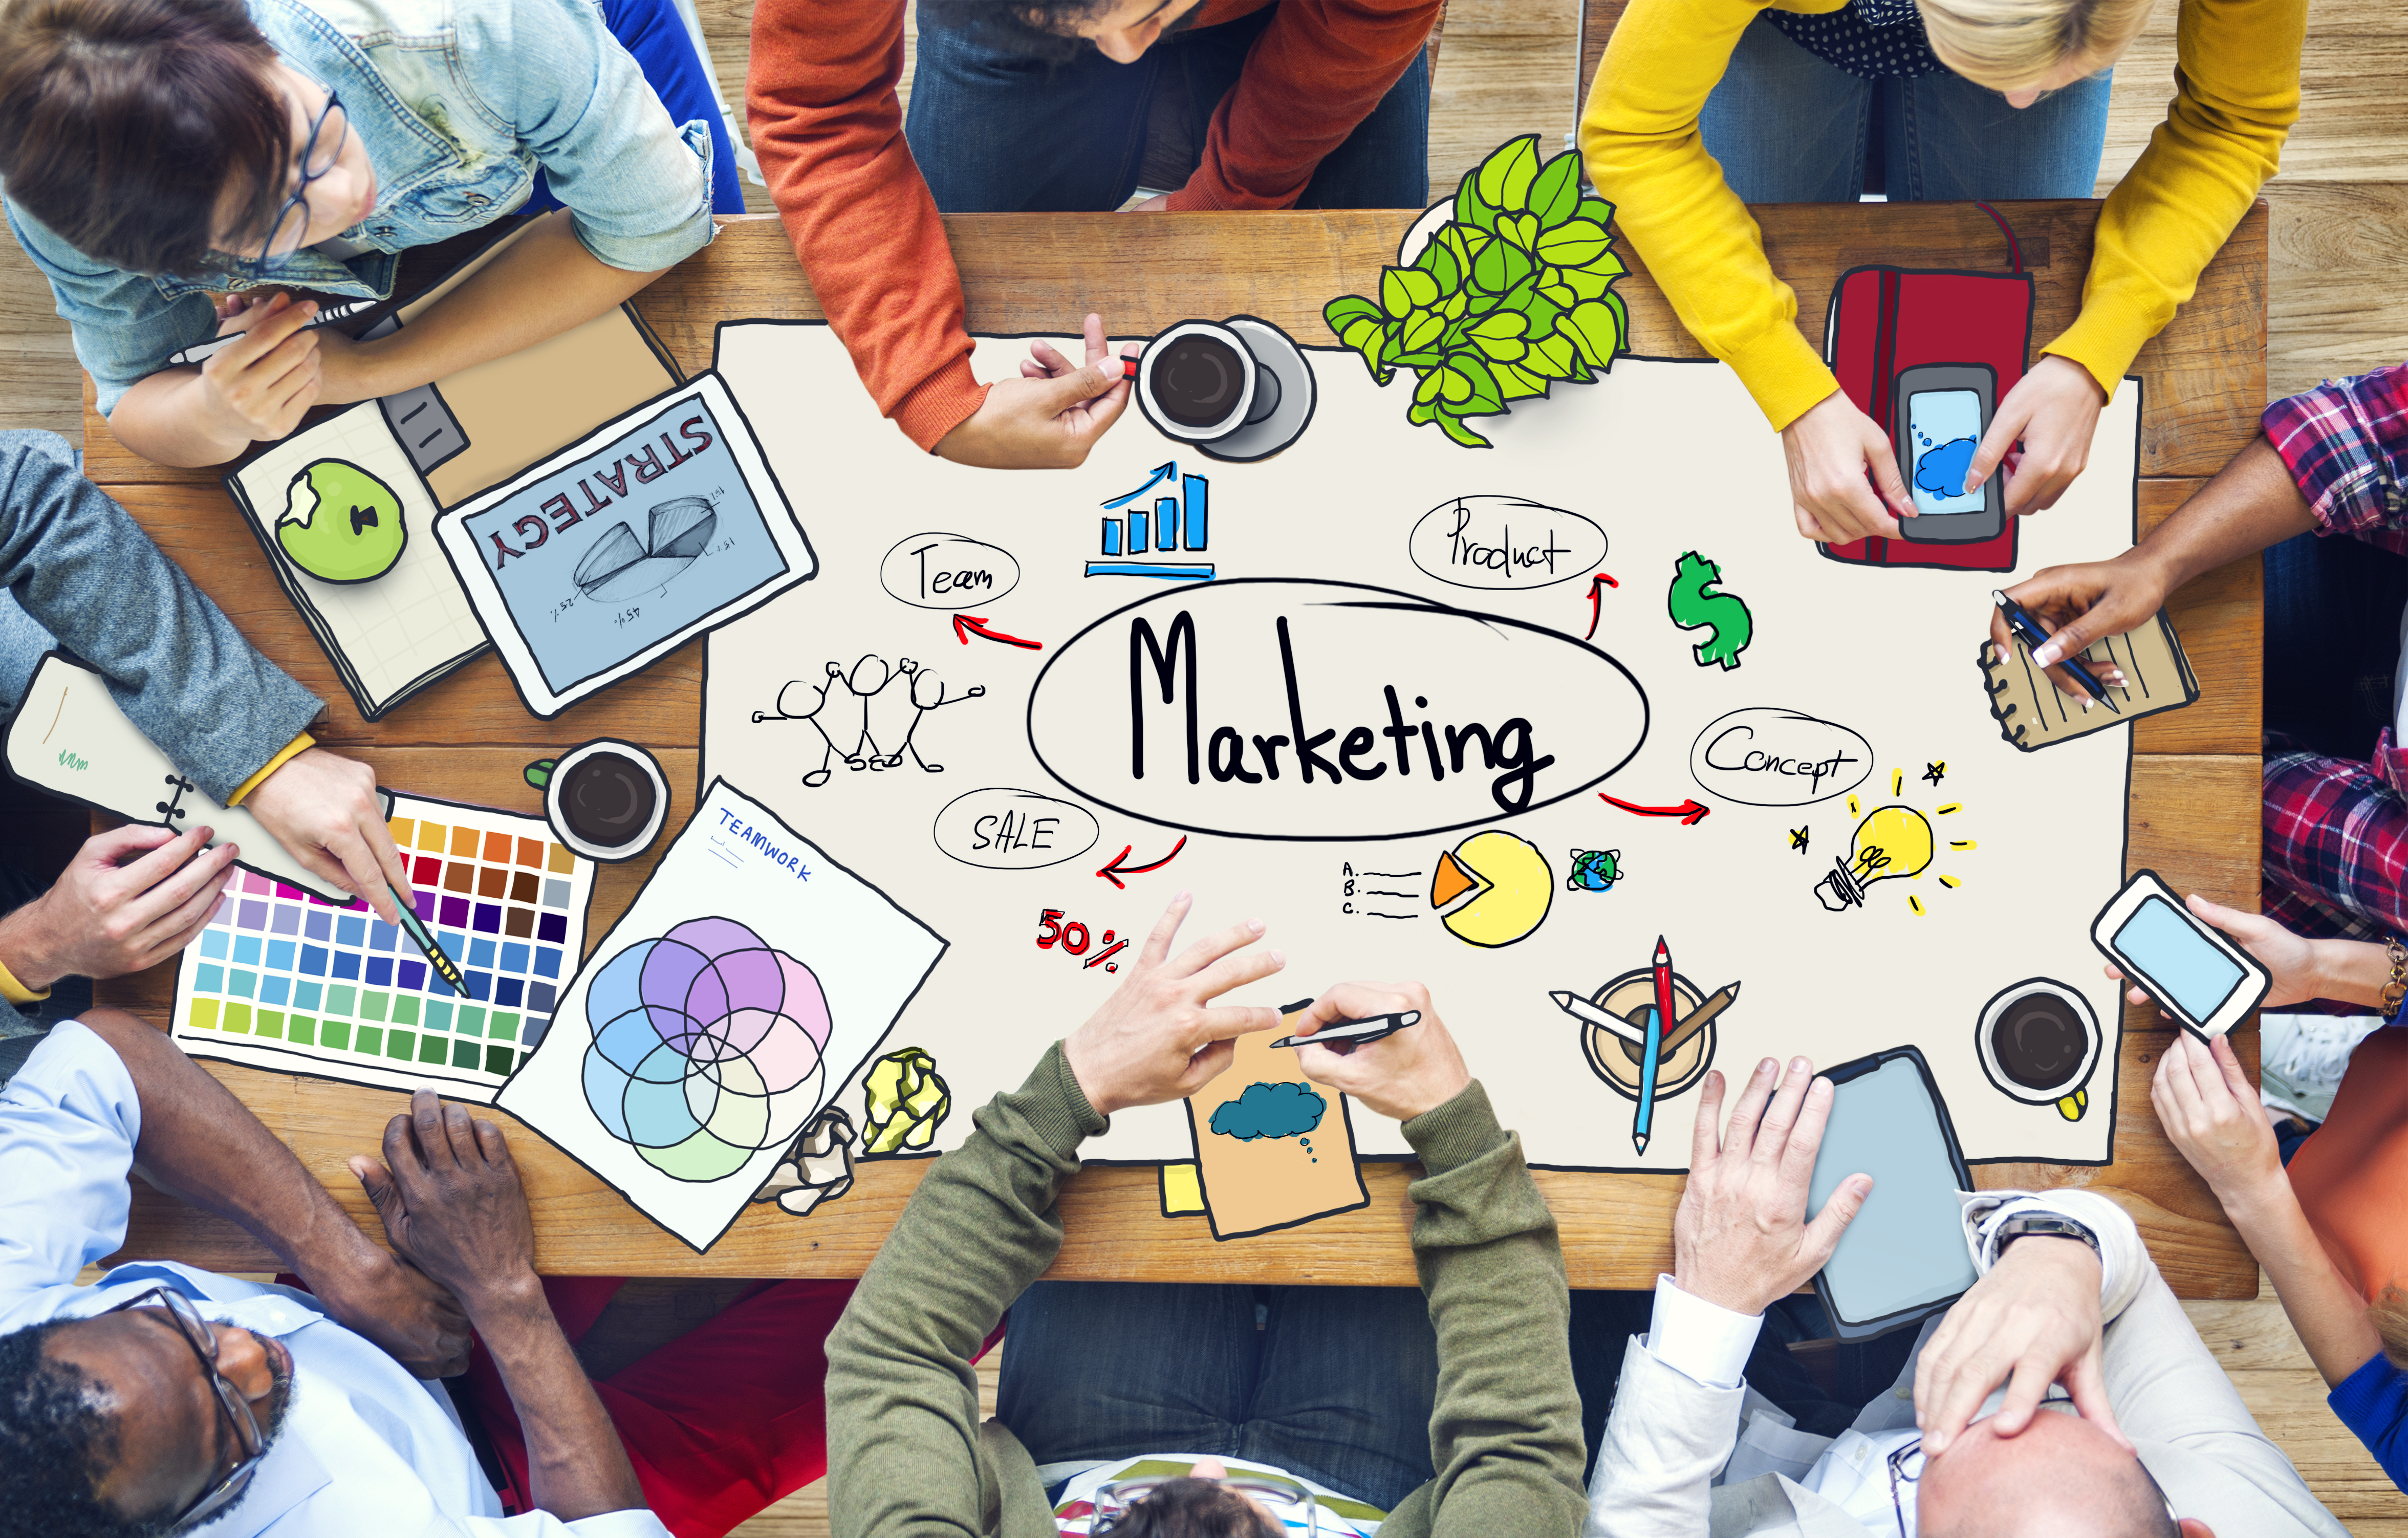 デジタルマーケティングで成果を挙げるためには?